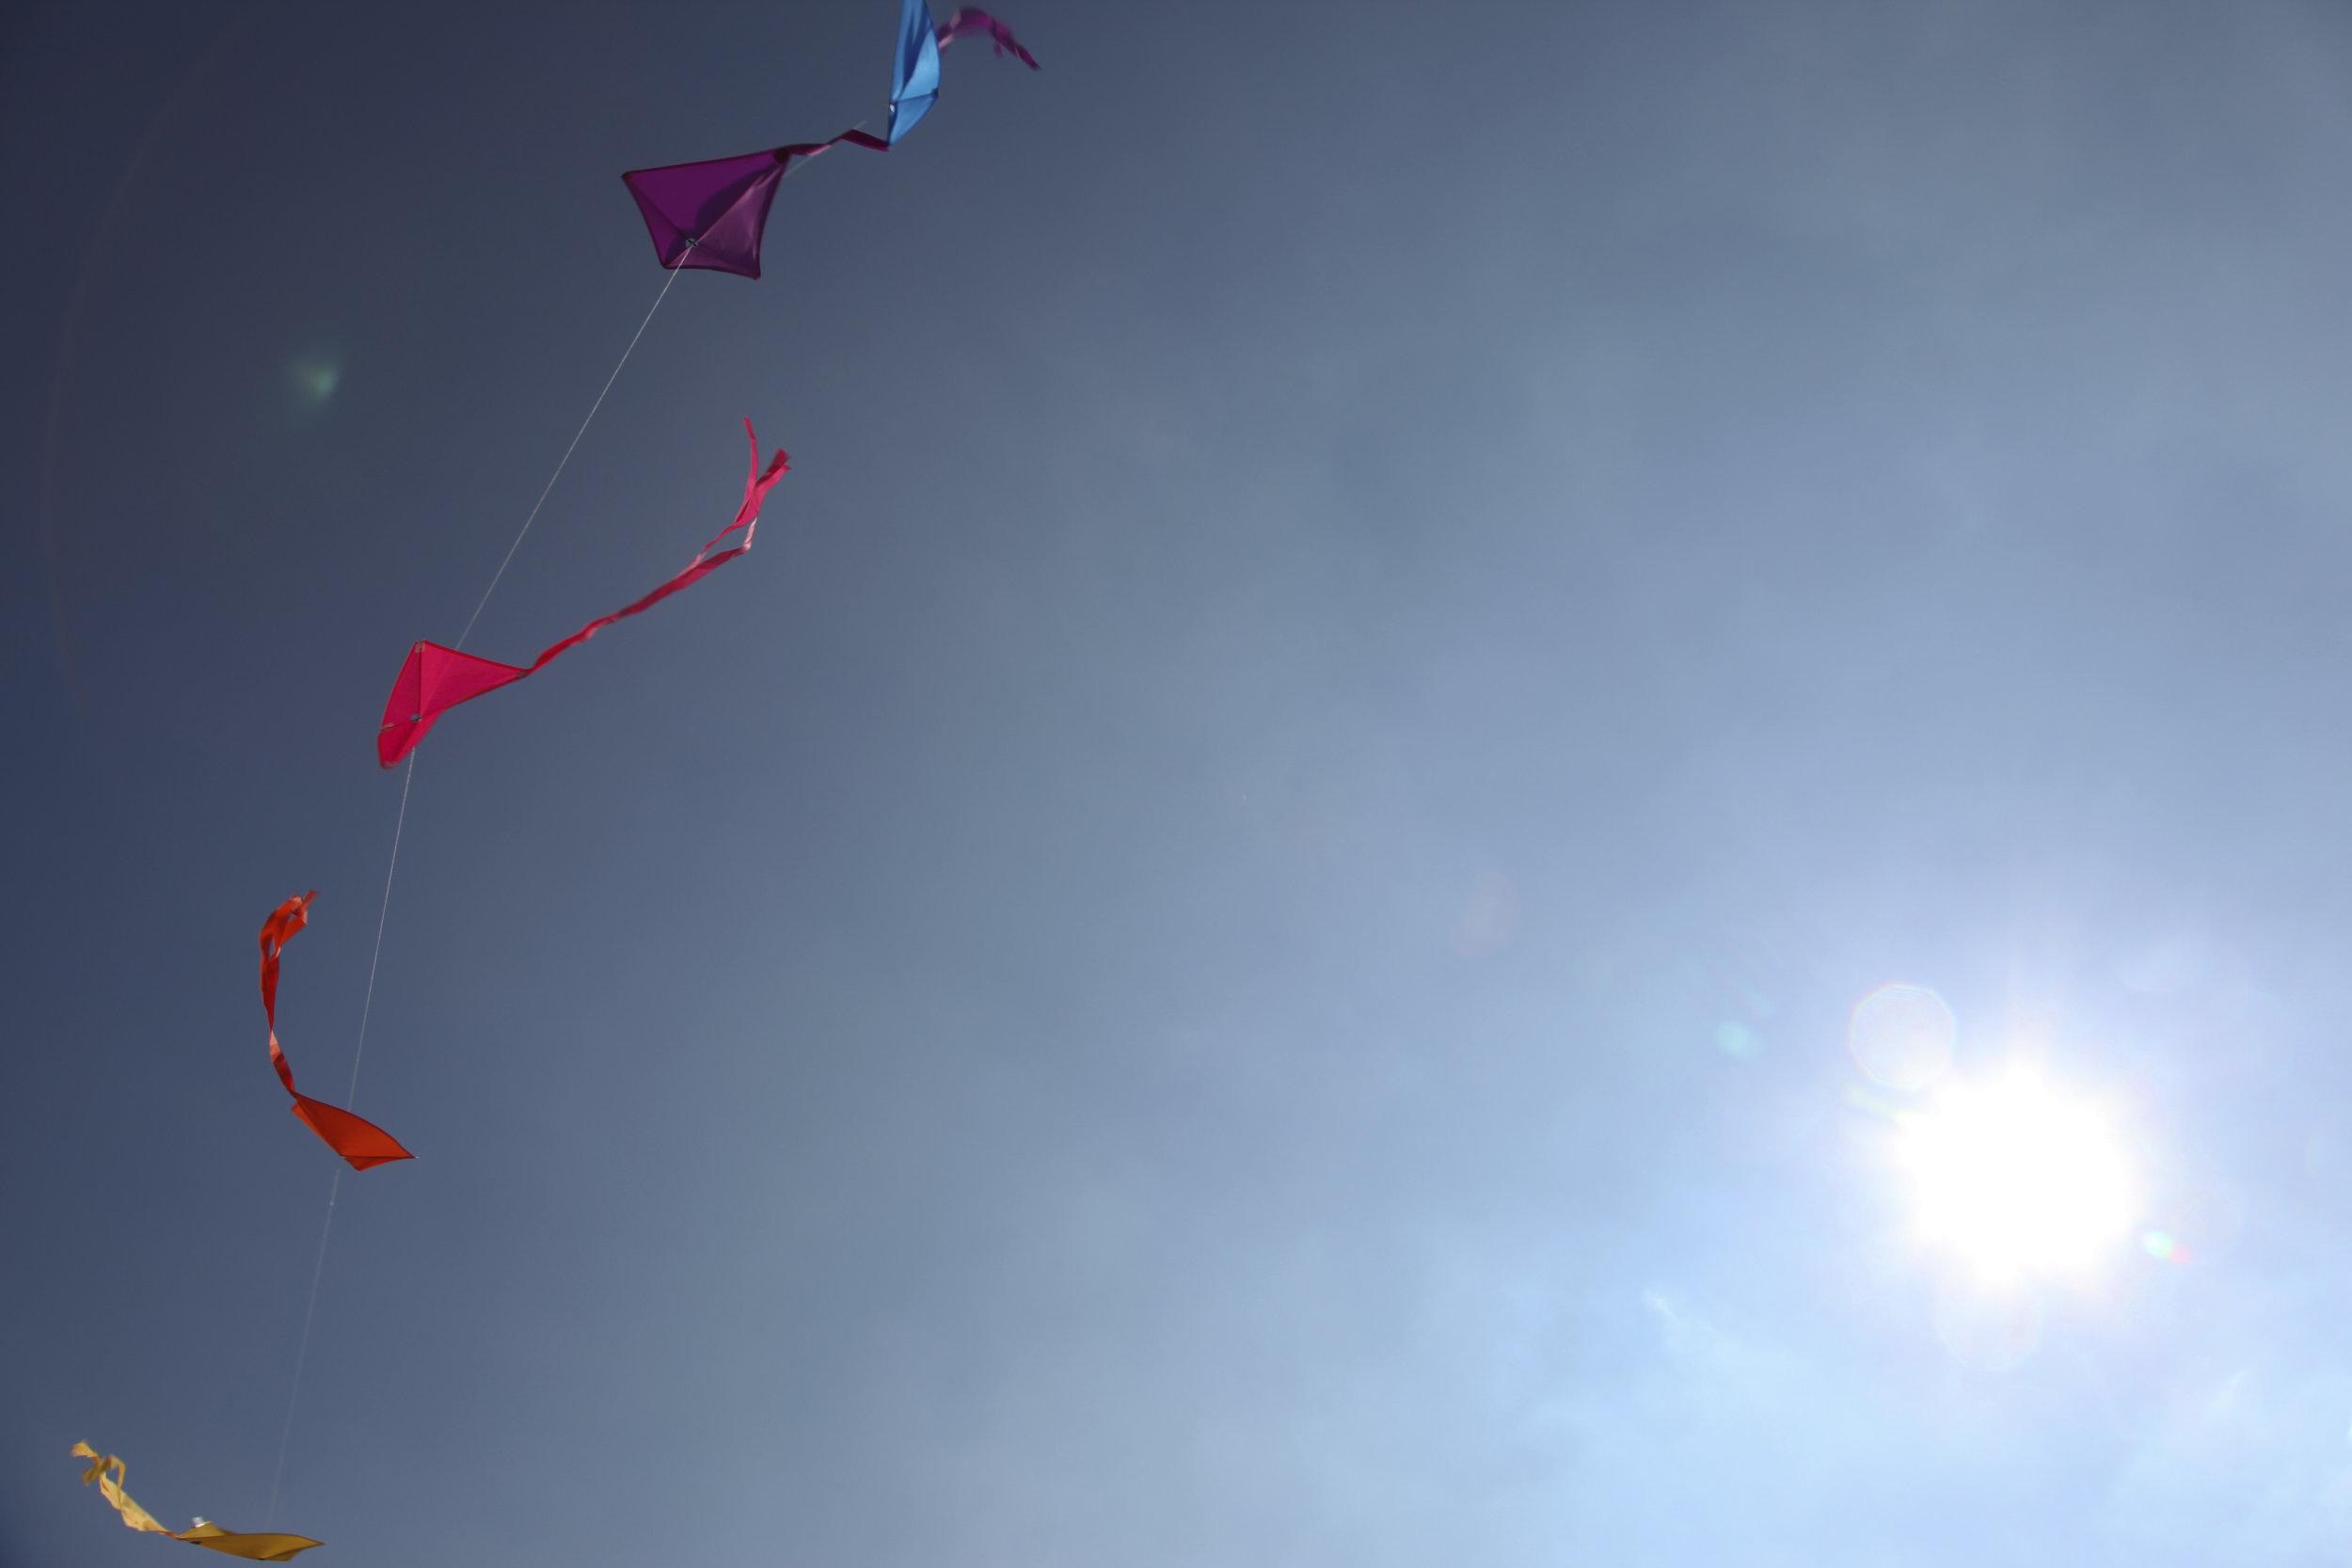 Kit flying, New York.jpg